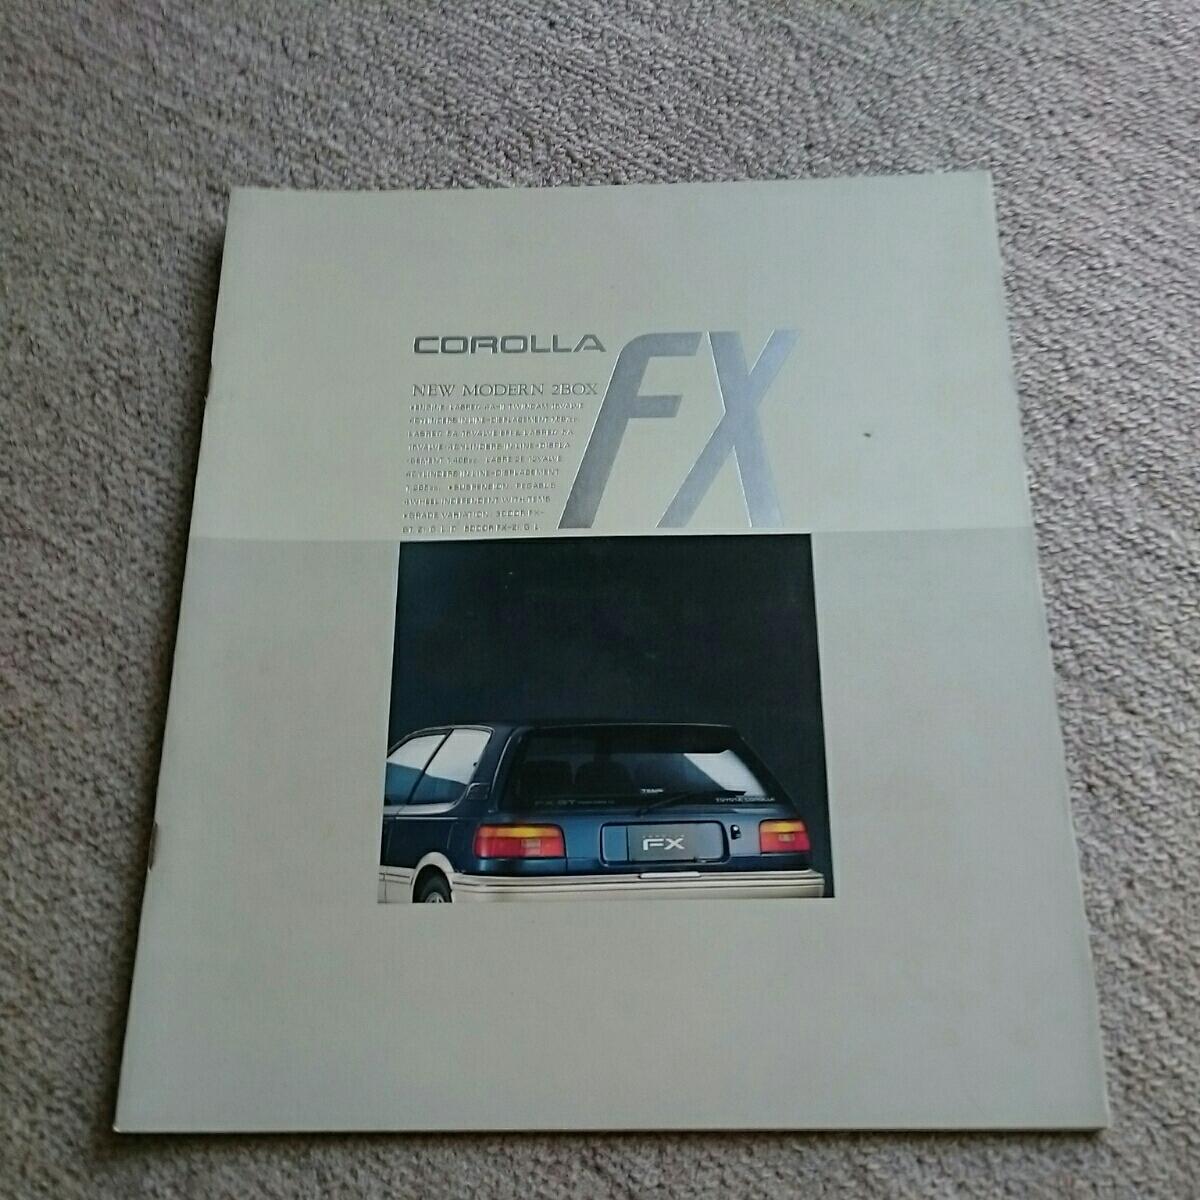 絶版、昭和62年6月発行、AE92、トヨタカローラ FX、3ドア1600FX-GT、5ドア、4A-GE、ツインカム16。_画像1